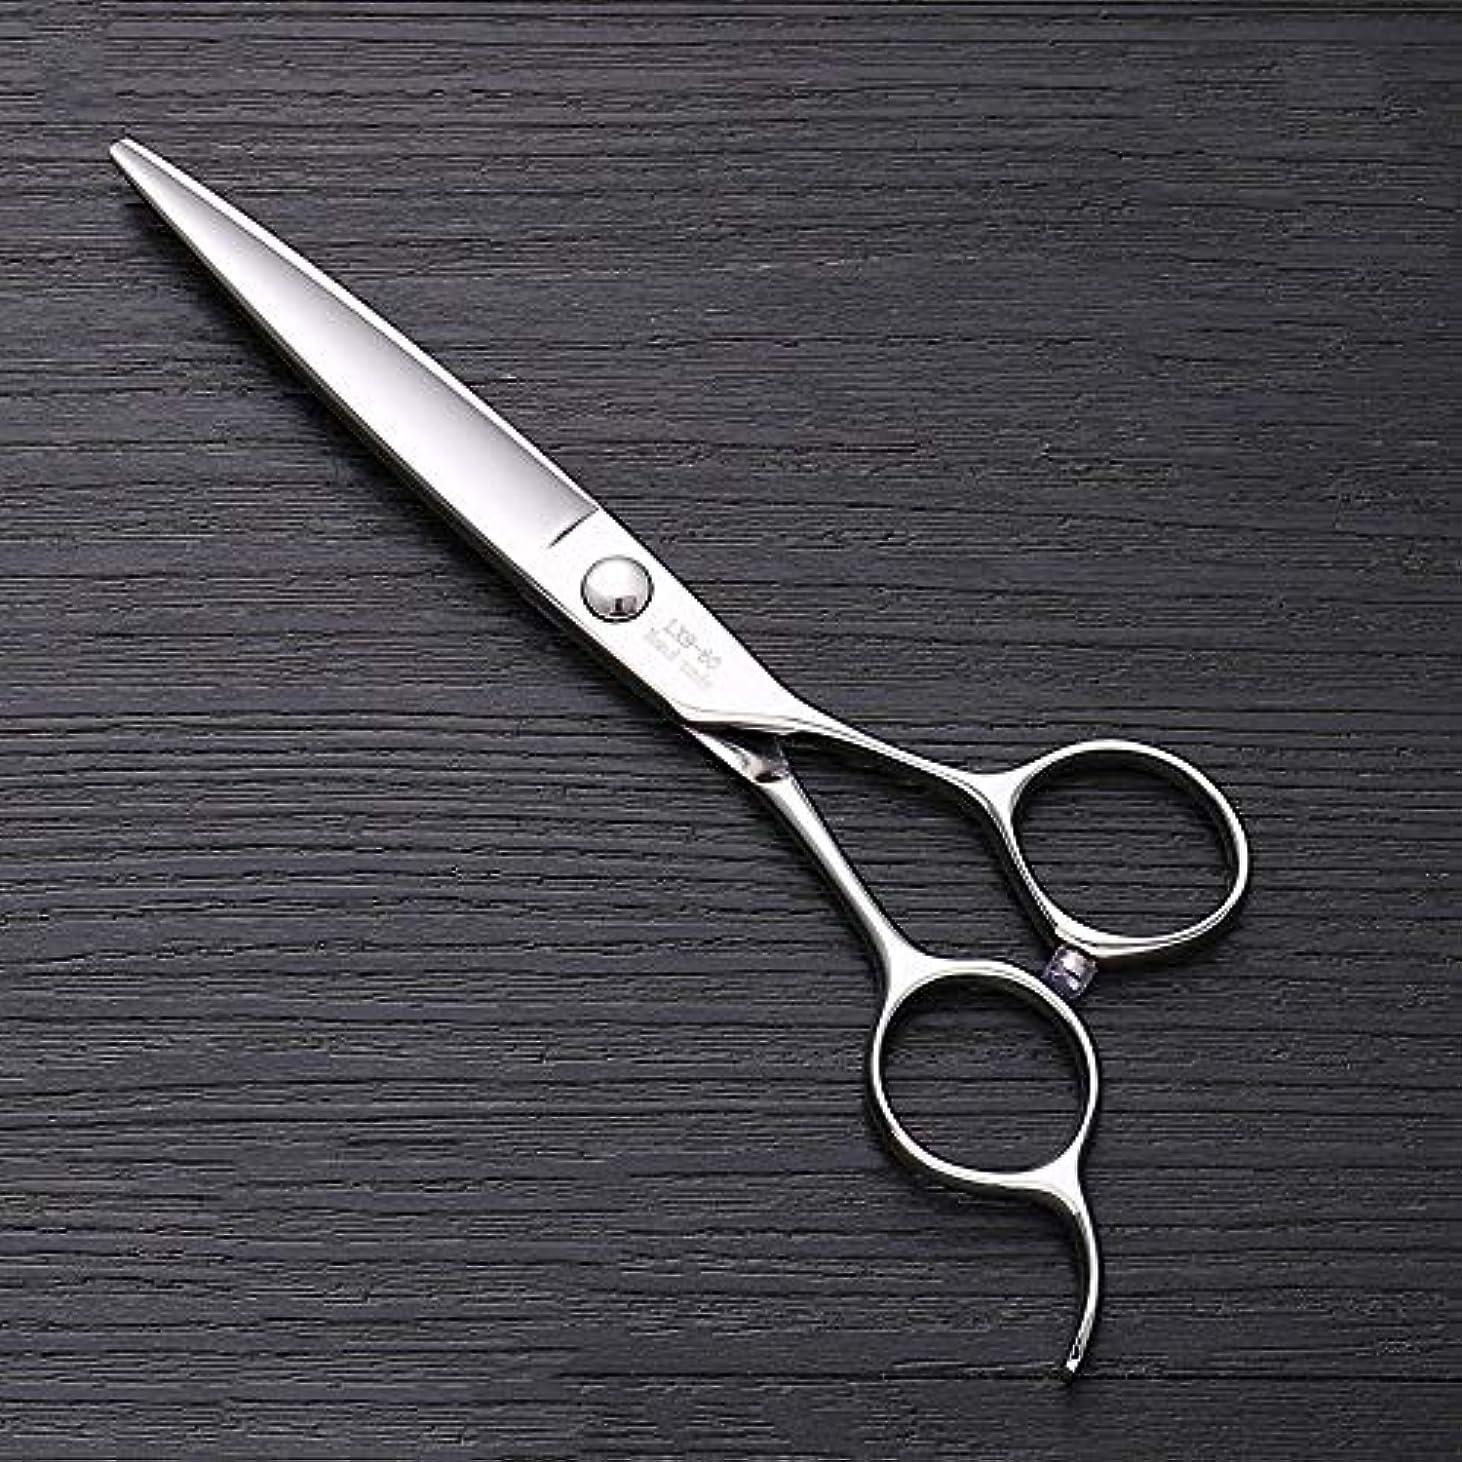 寝室を掃除する口頭証書6インチ440 Cステンレス鋼はさみ理髪はさみ、ハイエンドファッション理髪はさみ ヘアケア (色 : Silver)